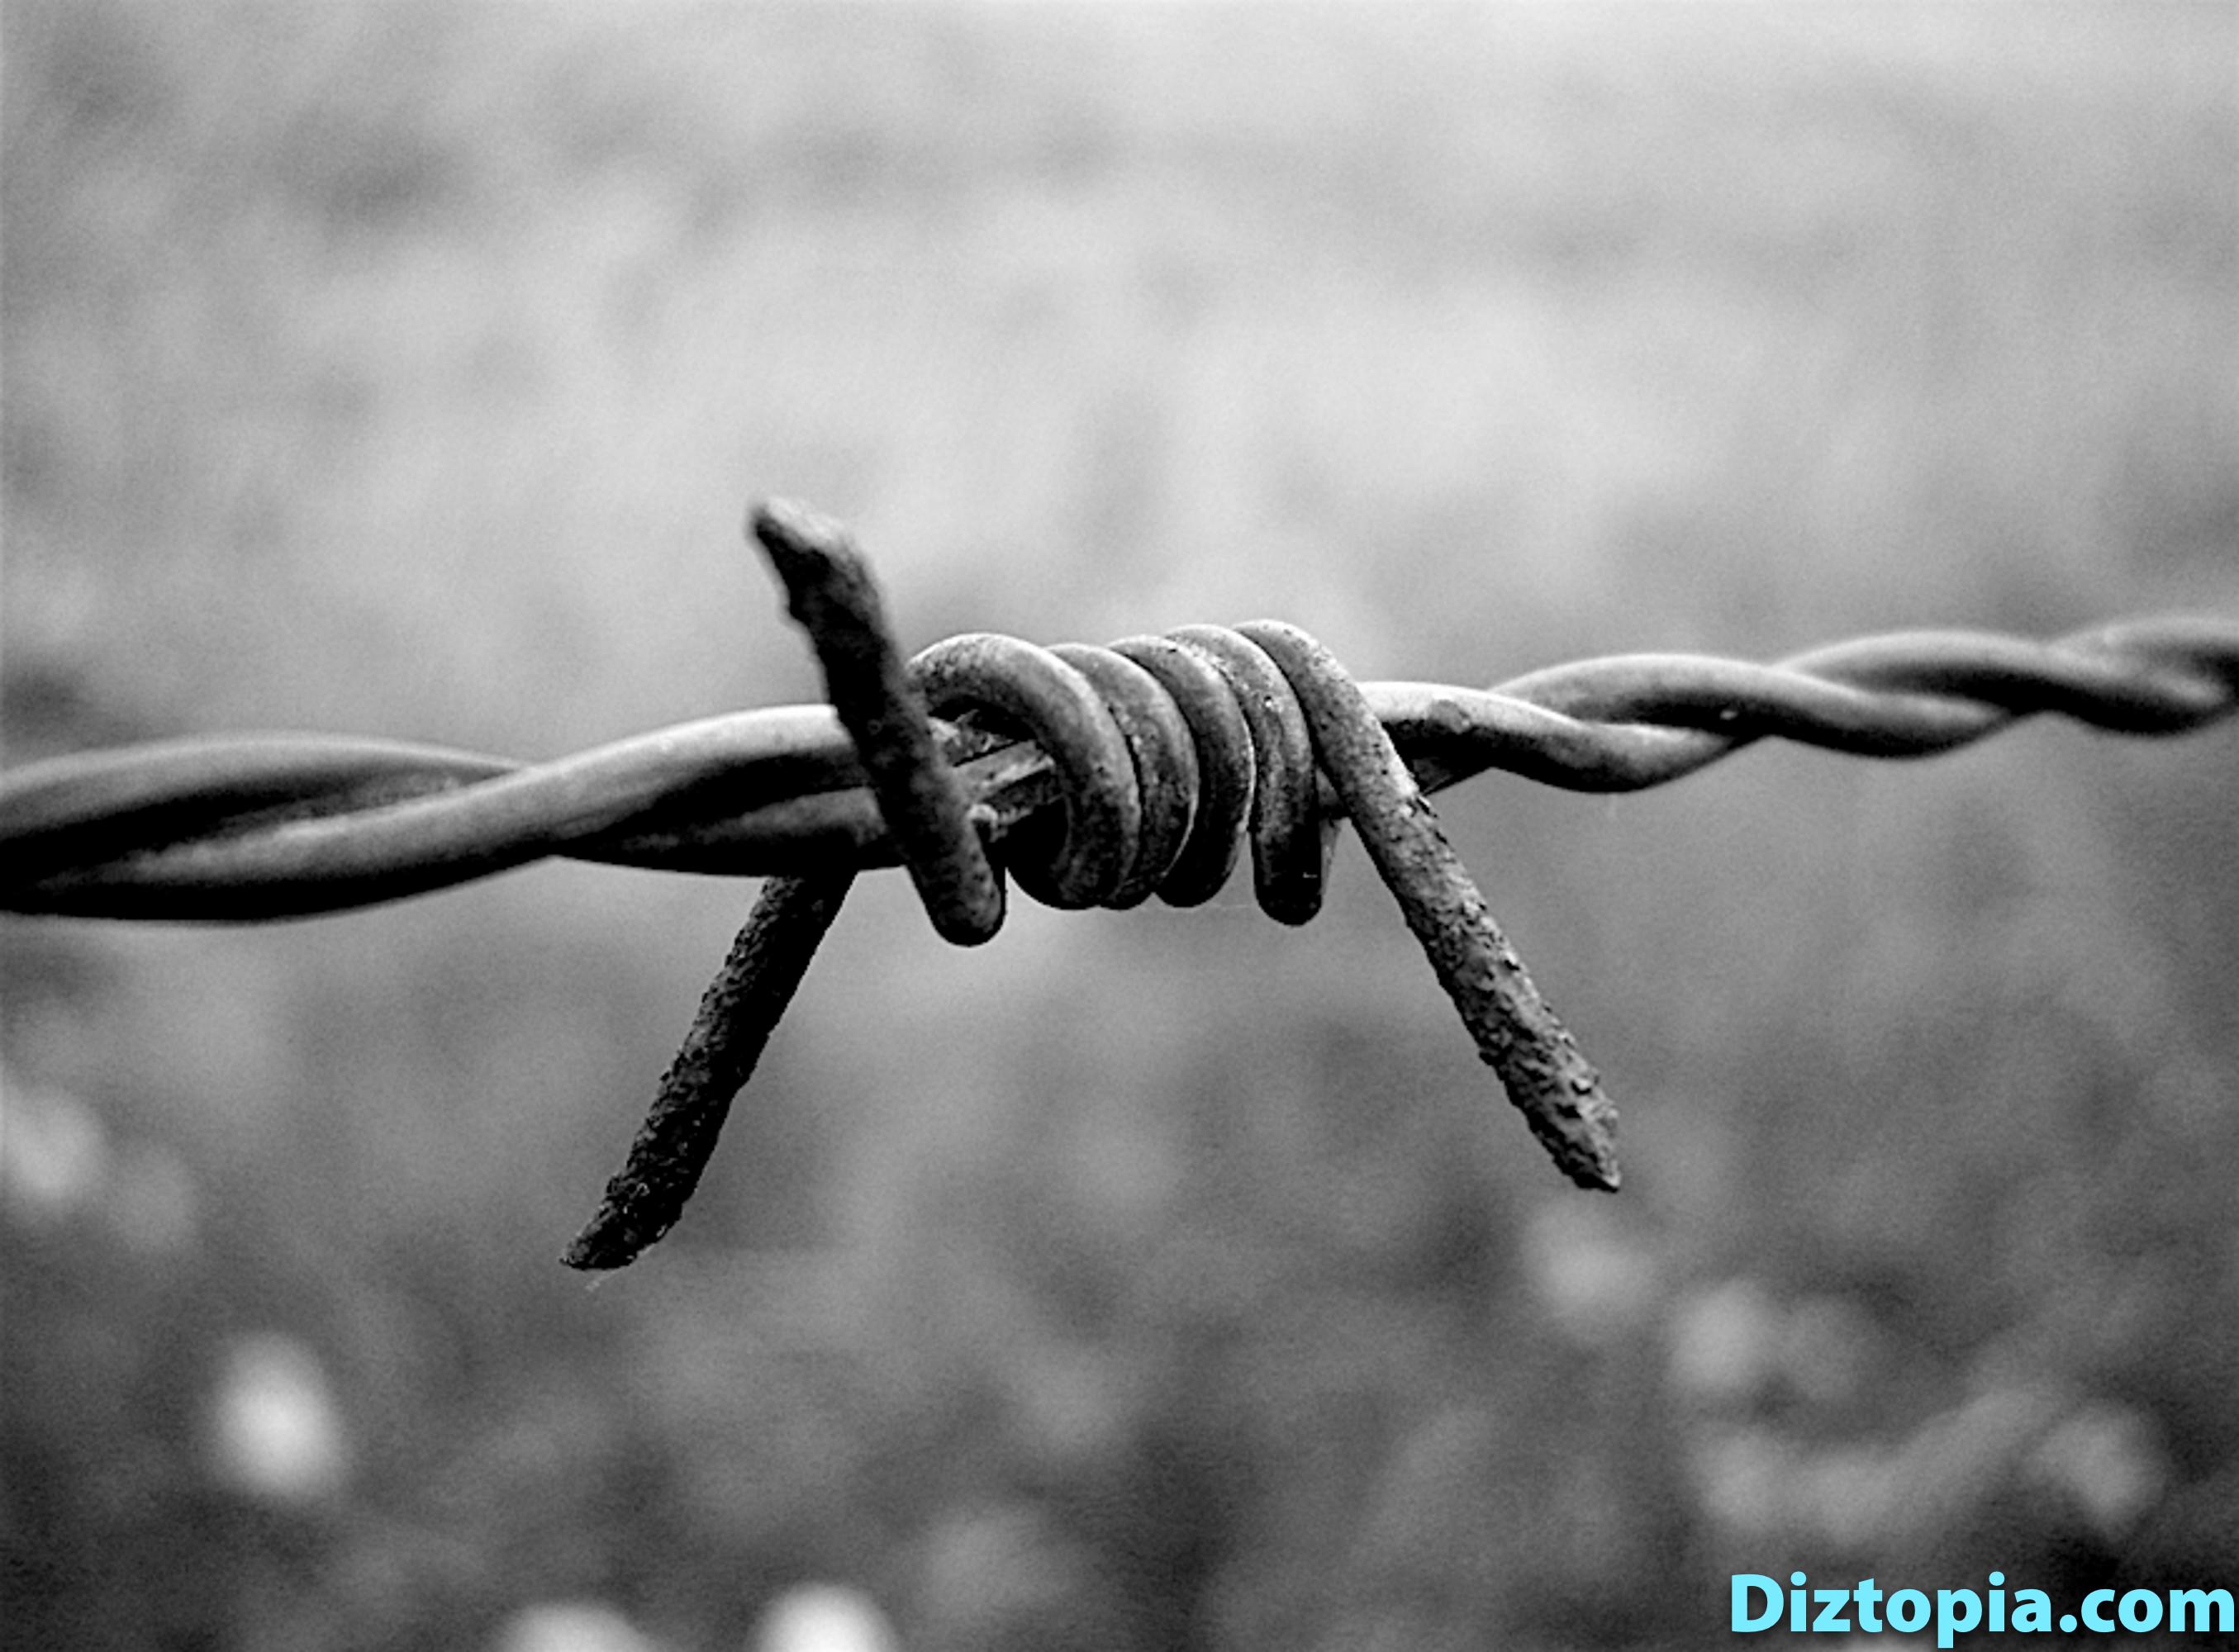 diztopia-com-dizma_dahl-photography-digicam-39